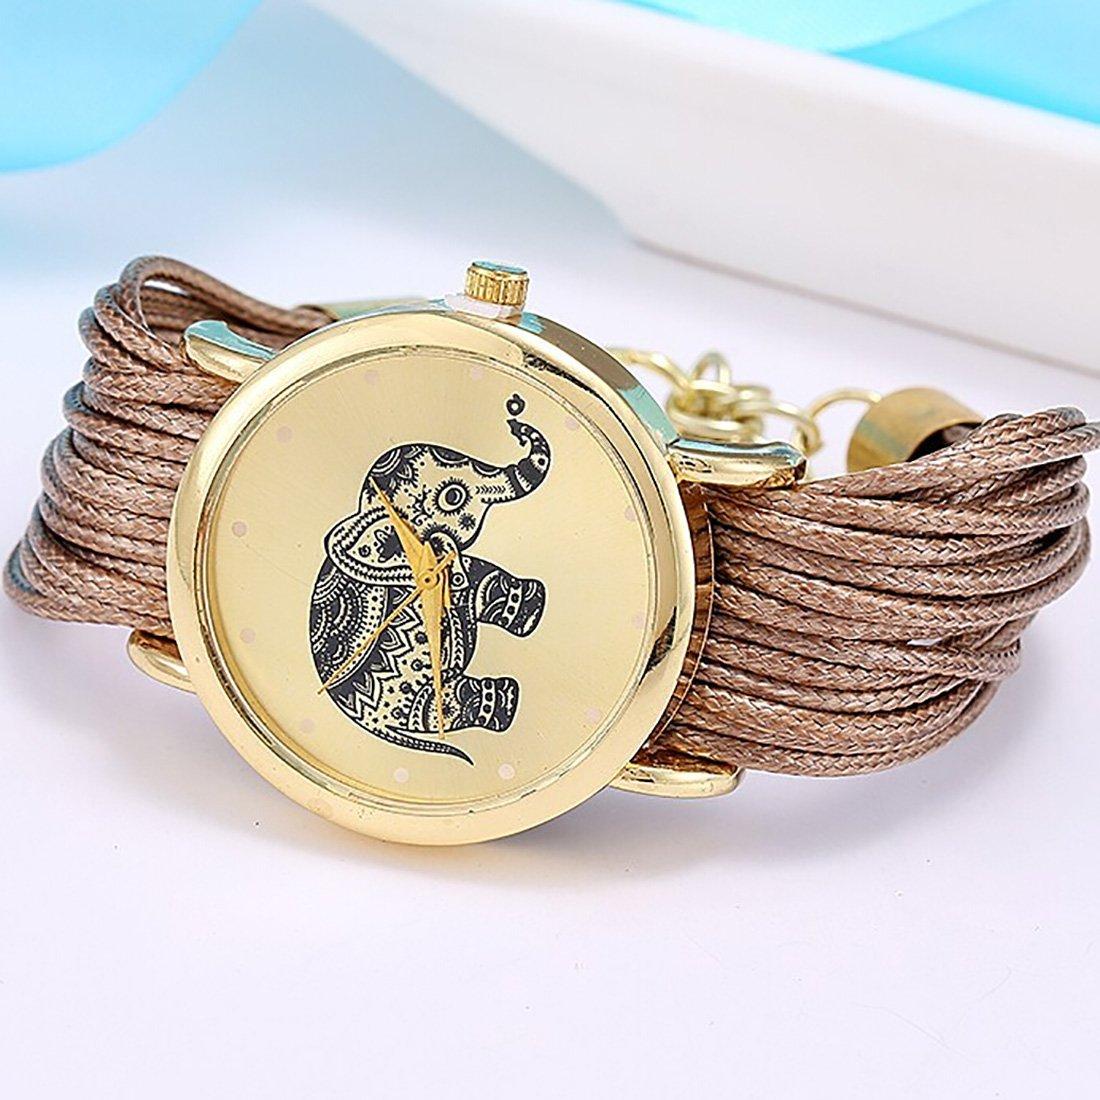 Amazon.com: 2016 Relojes Mujer Jewelry Fashion Women Dress Elephant Design Bracelet Watch Femme Quartz Watch Relogio Feminino Brown: Watches